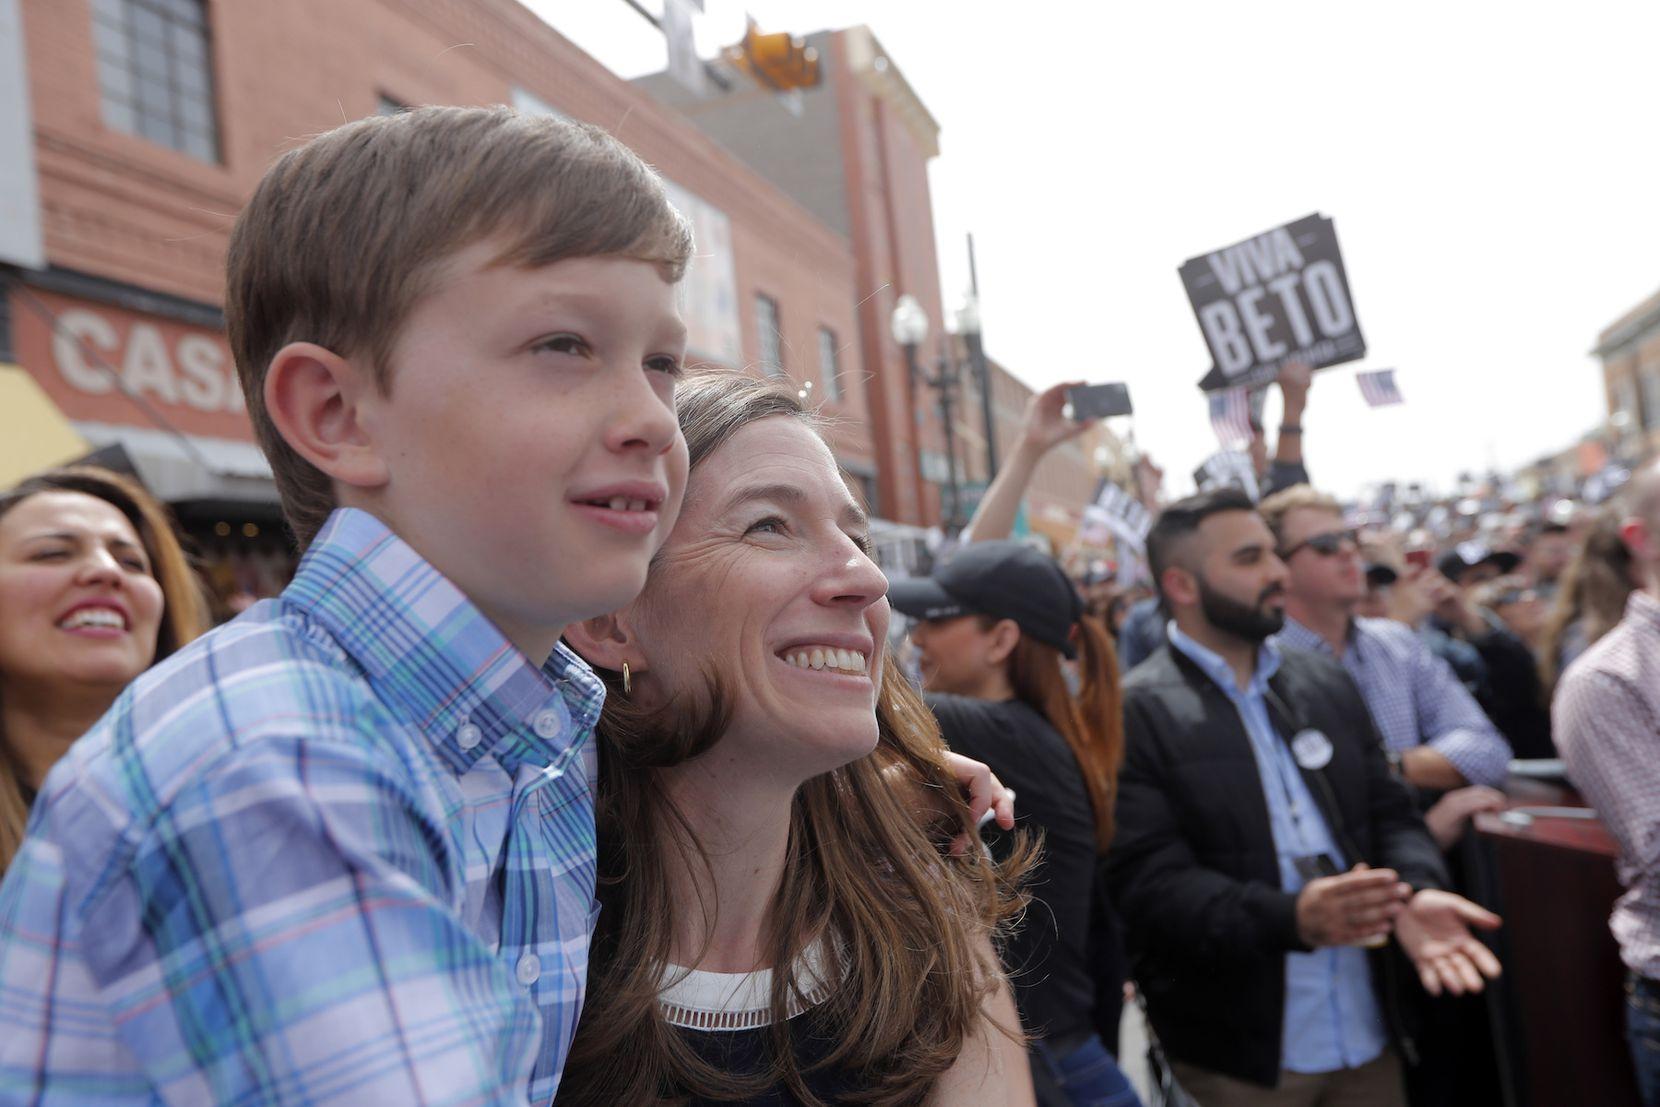 Amy O'Rourke, esposa del candidato demócrata a la presidencia Beto O'Rourke y su hijo Henry de 8 años. (AP Photo/Gerald Herbert)